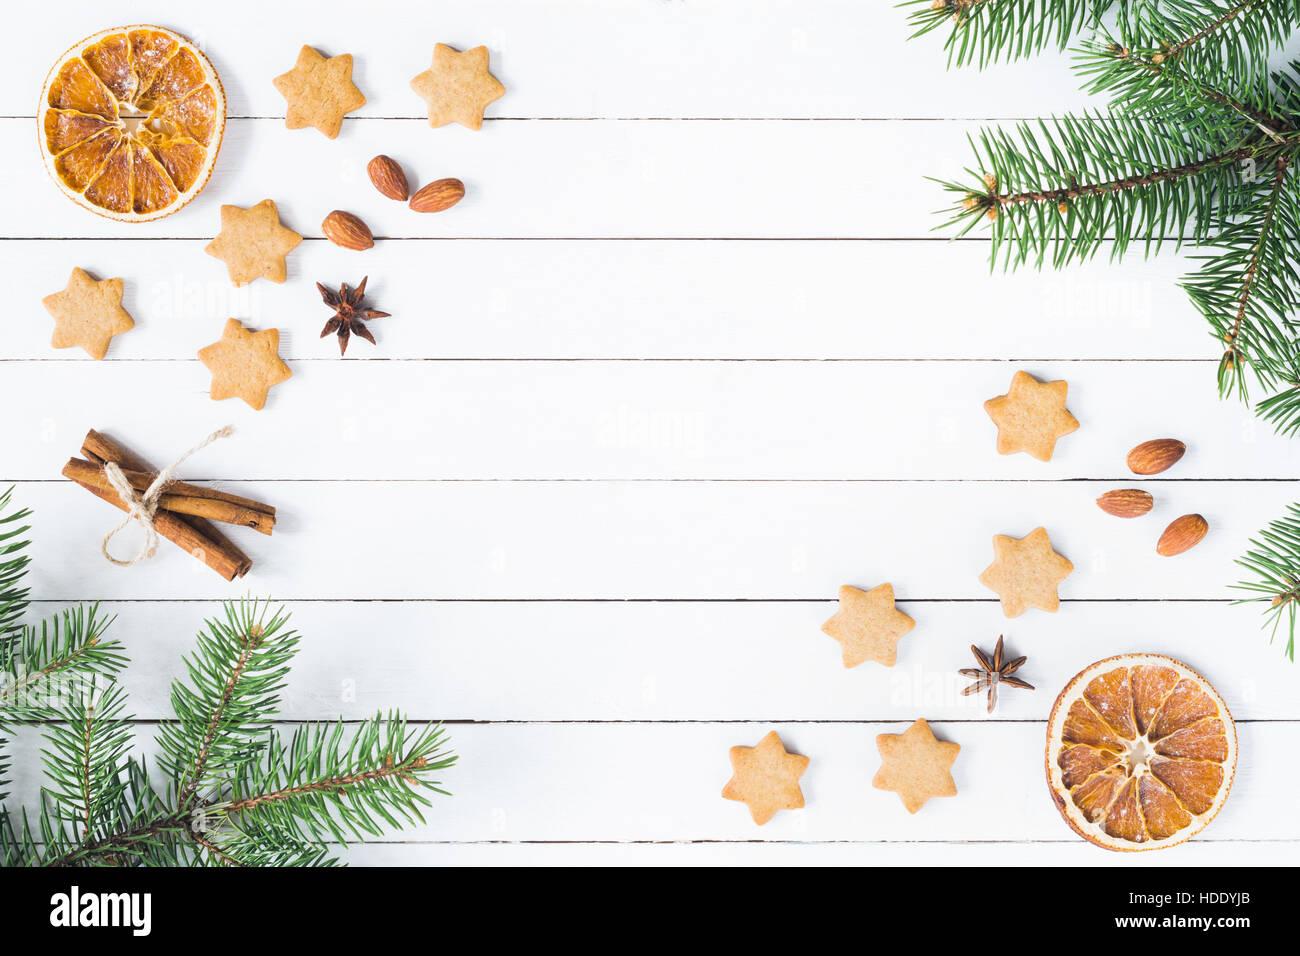 Sterne Weihnachten Rahmen mit Lebkuchen, Kekse, Gewürze und Tanne ...